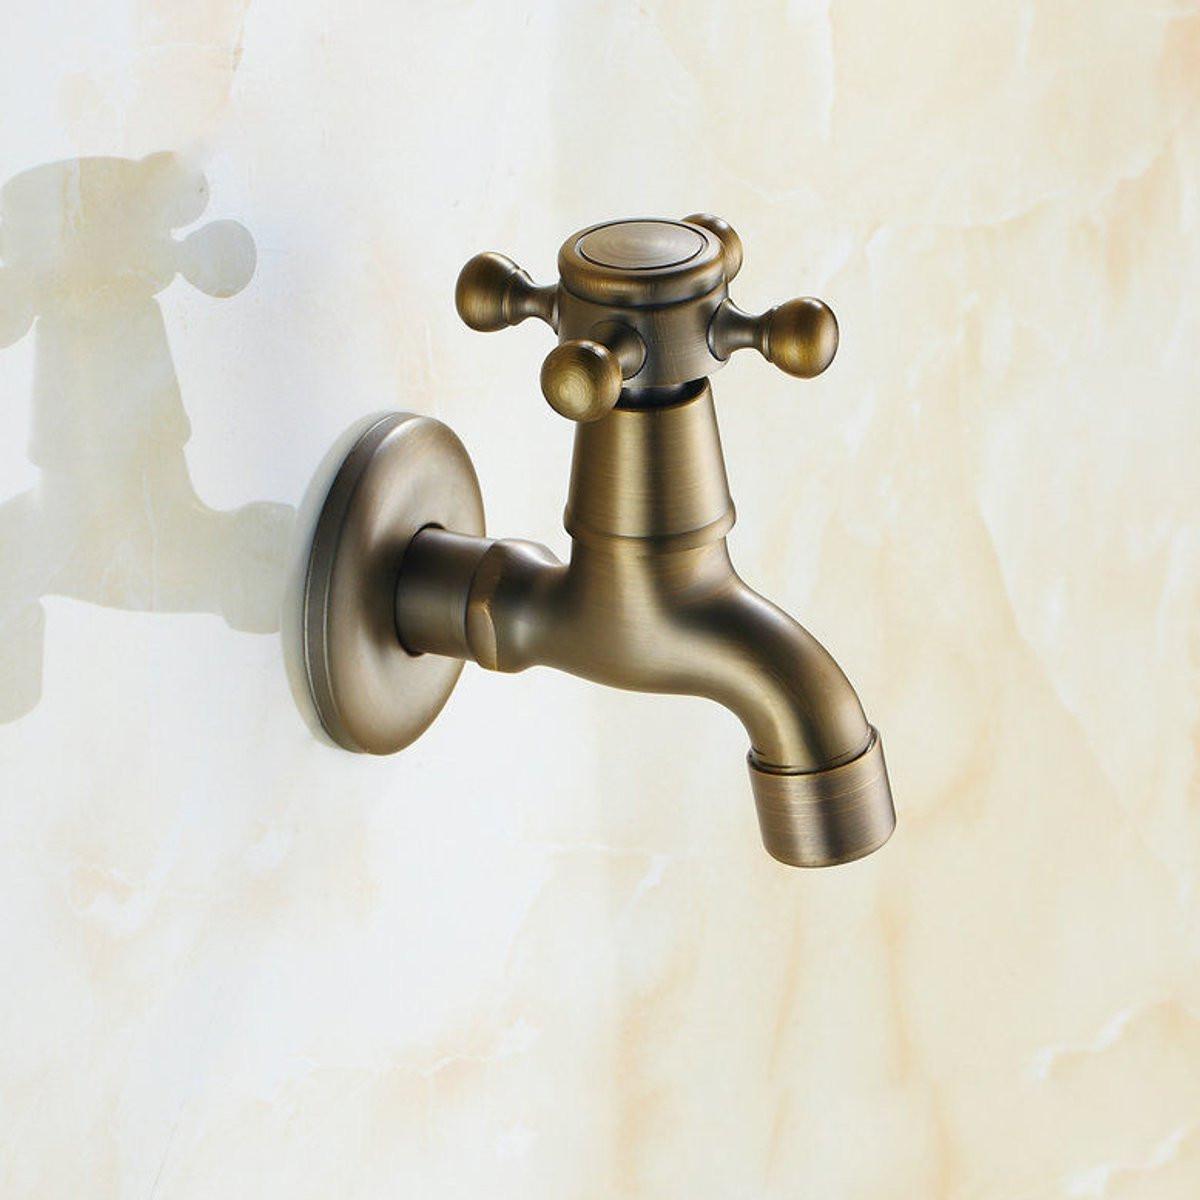 Antique Brass Wall Mounted Garden Bathroom Basin Faucet